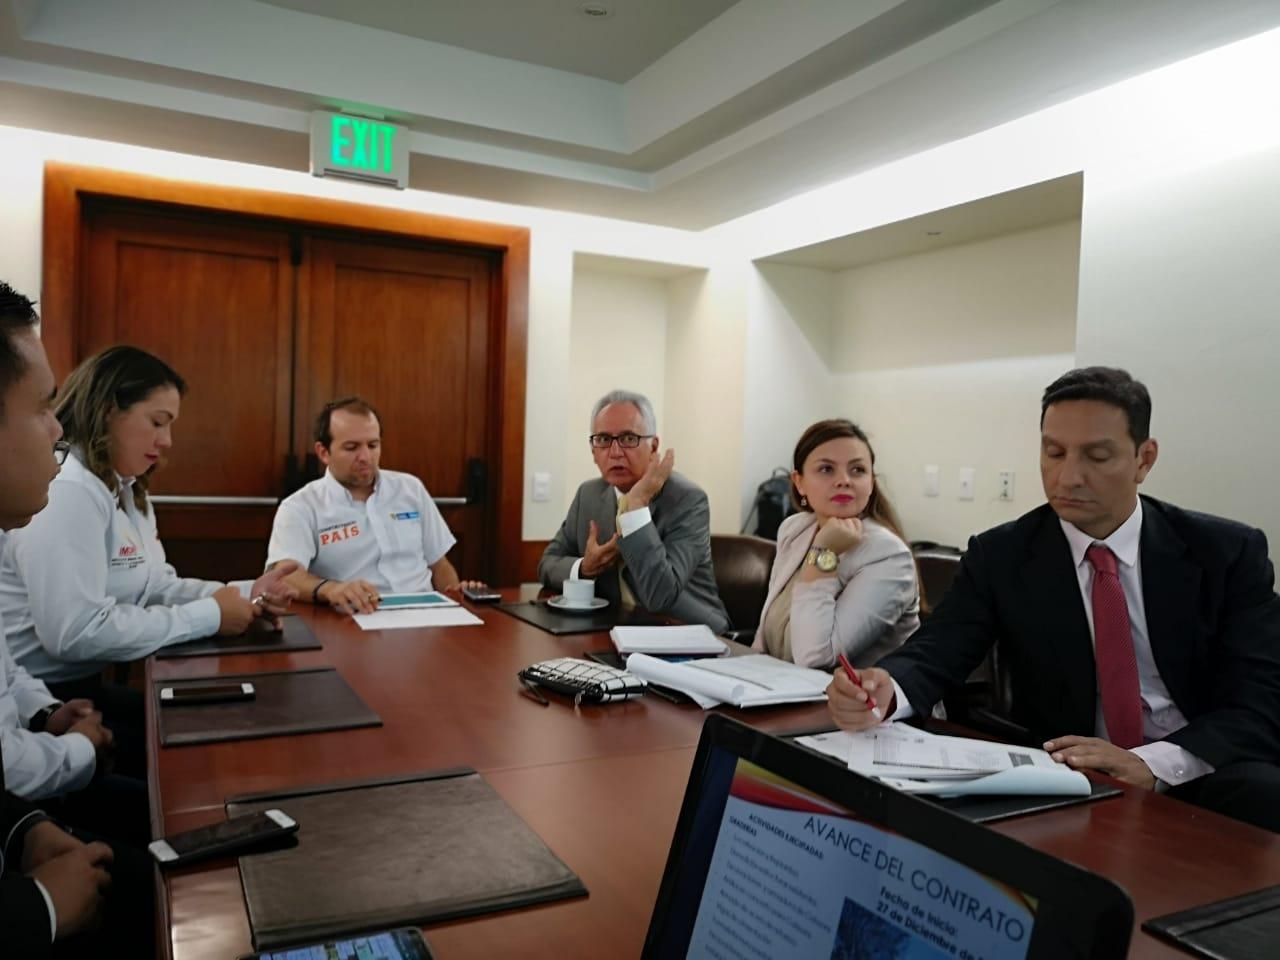 Firmarán convenio por $95.000 millones para culminar escenarios deportivos de Ibagué